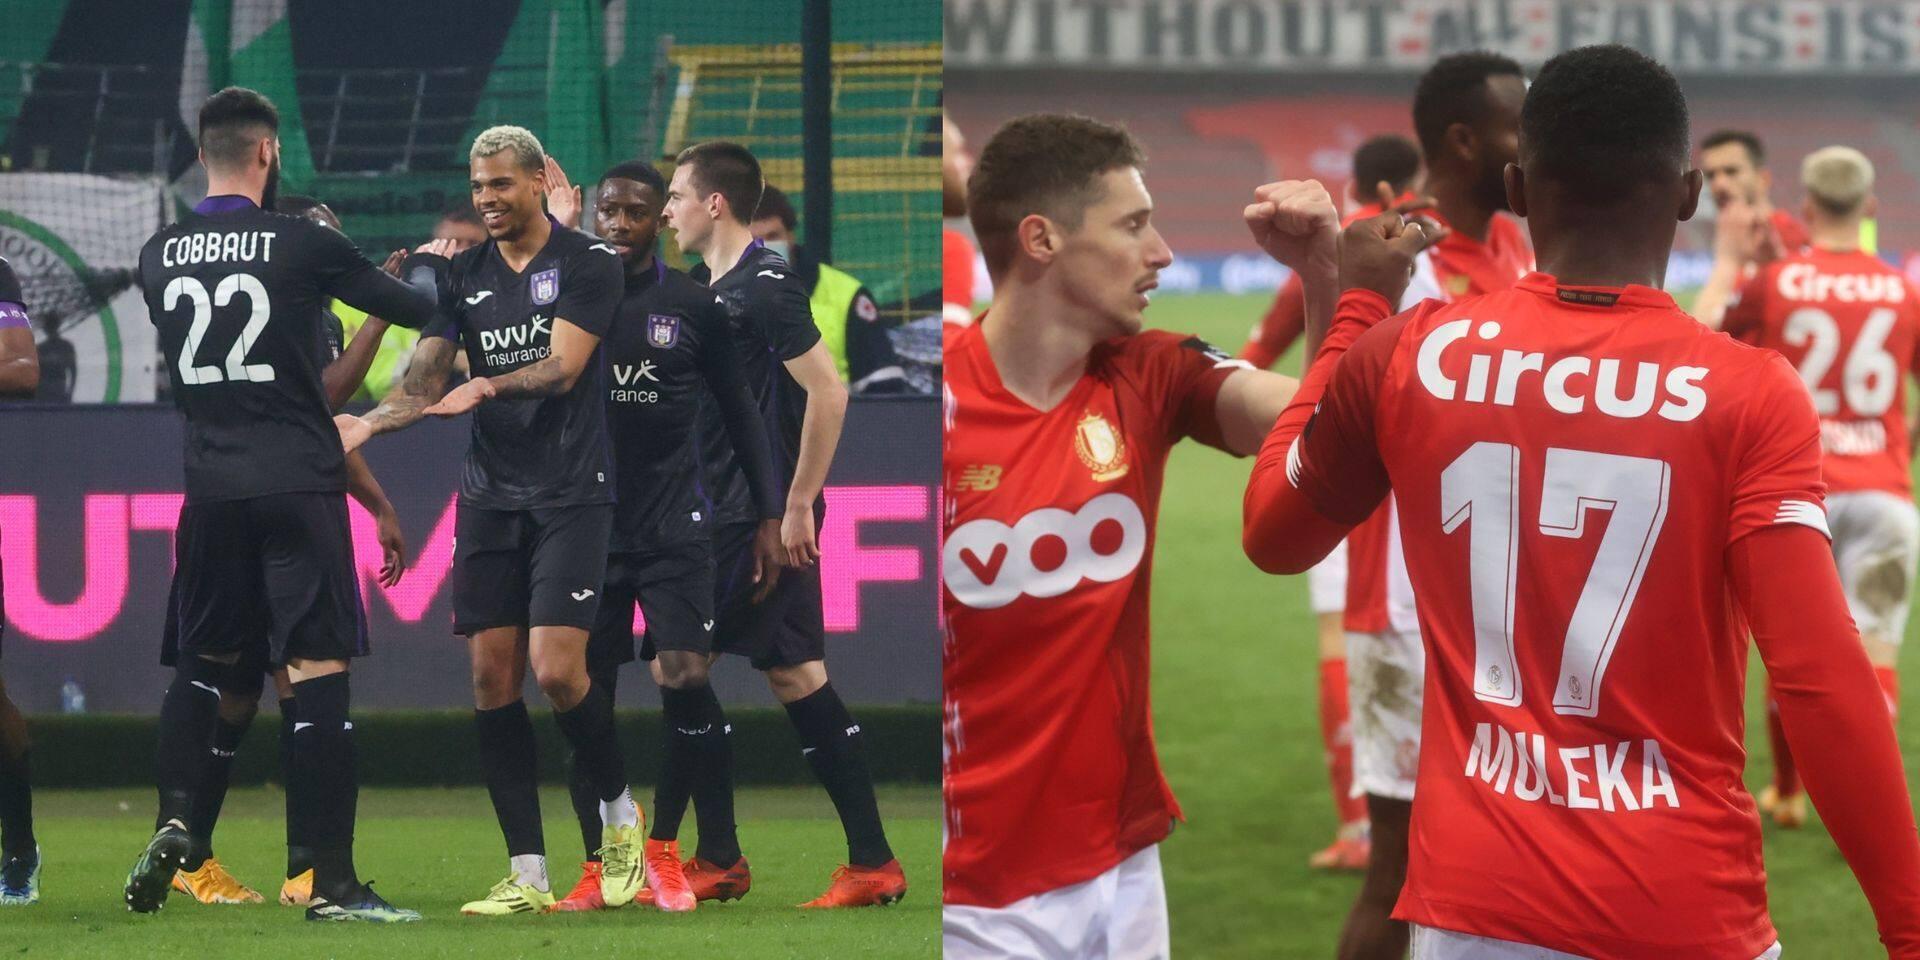 Tirage au sort de la Croky Cup: un possible Clasico pour la finale de la Coupe de Belgique !